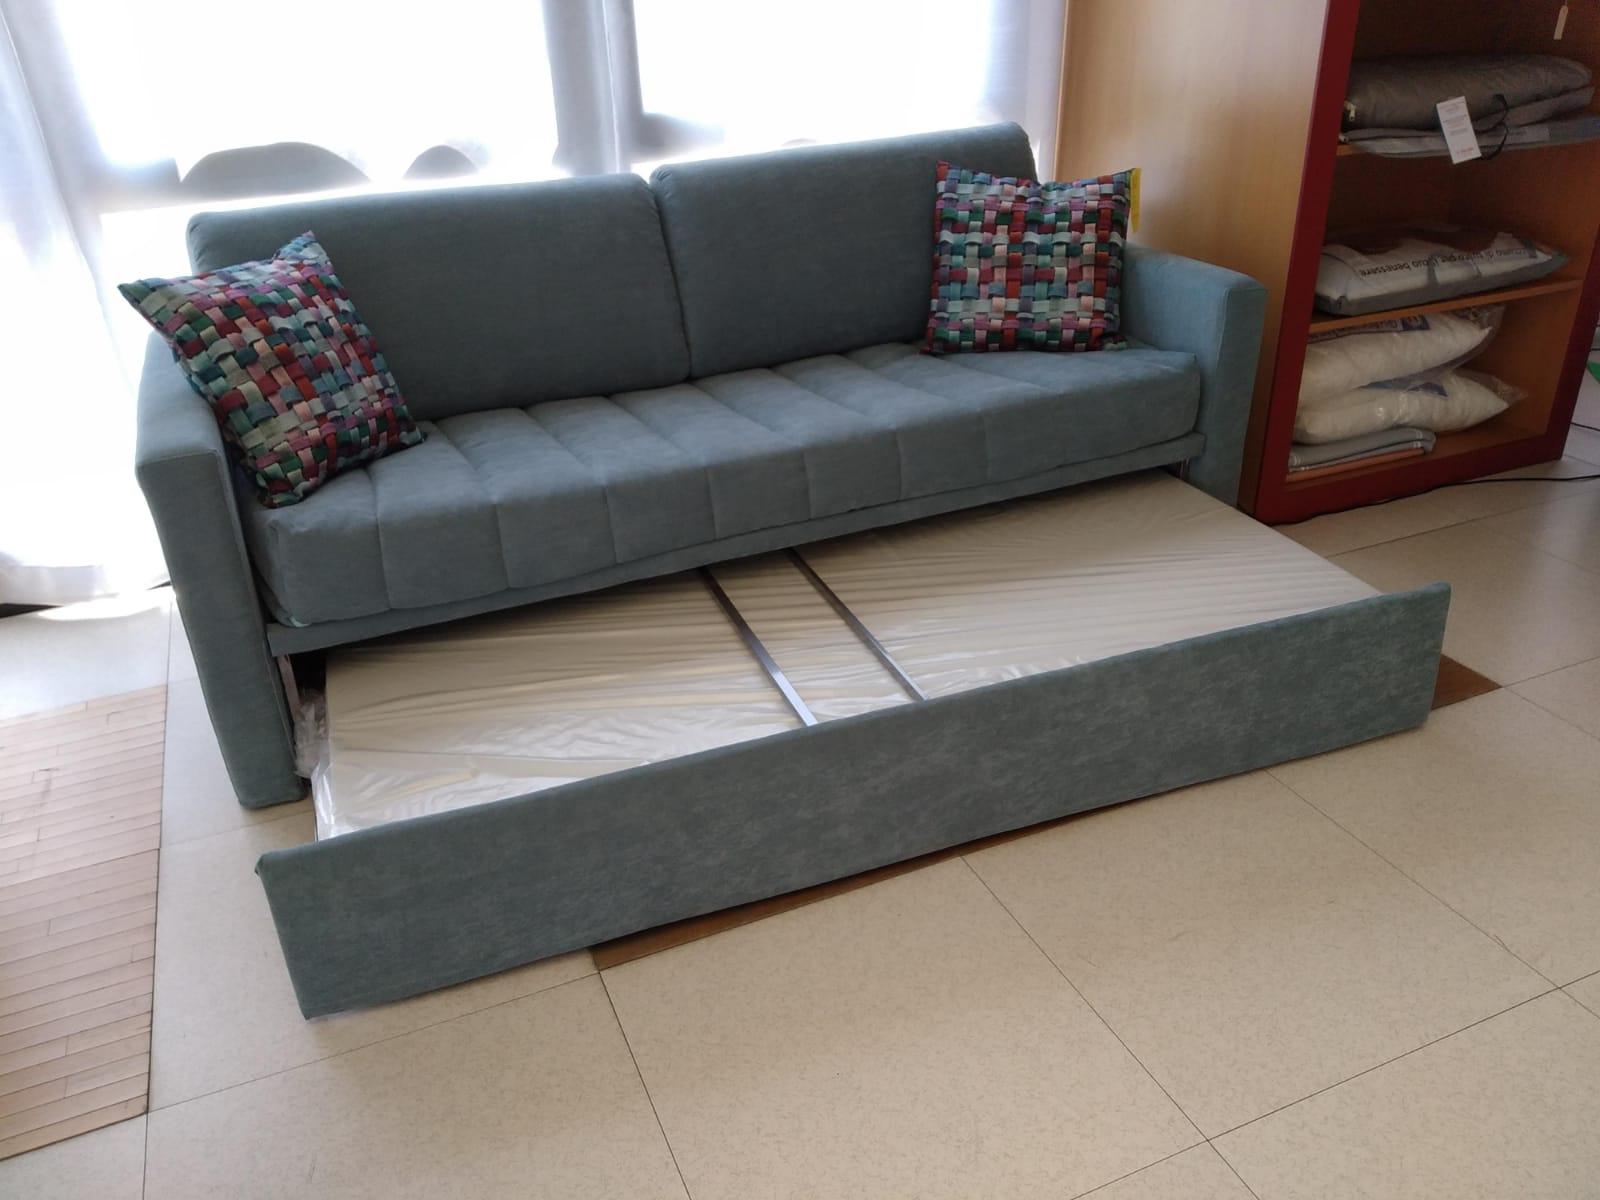 divano letto varese - Nuova tag cassano magnago